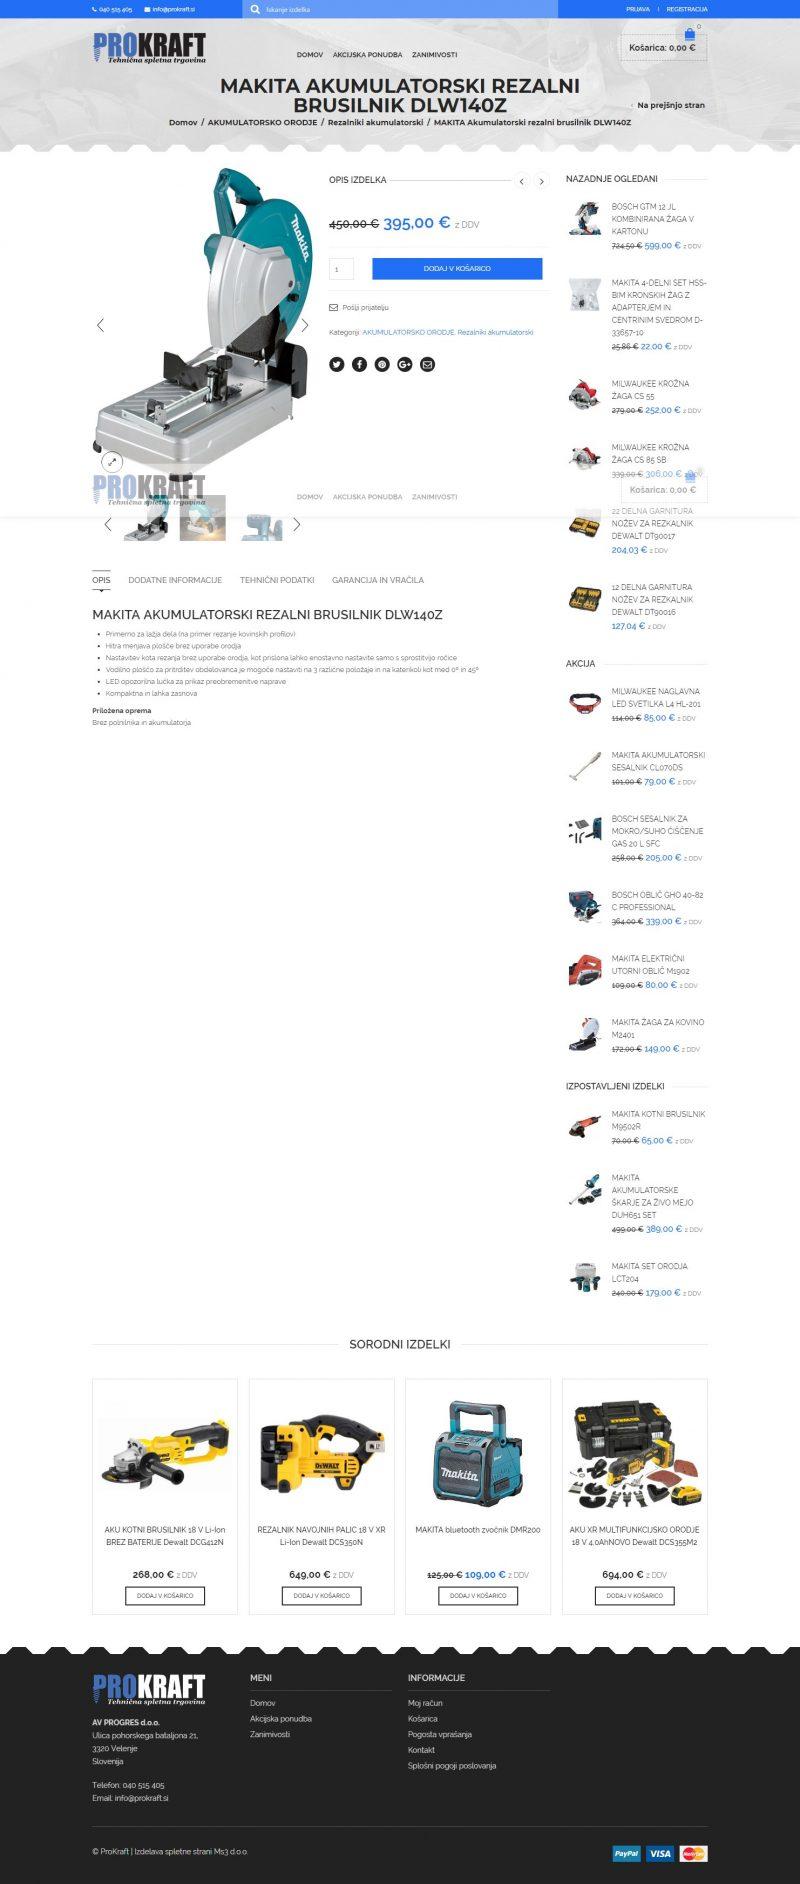 https://www.prokraft.si/izdelek/makita-akumulatorski-rezalni-brusilnik-dlw140z/